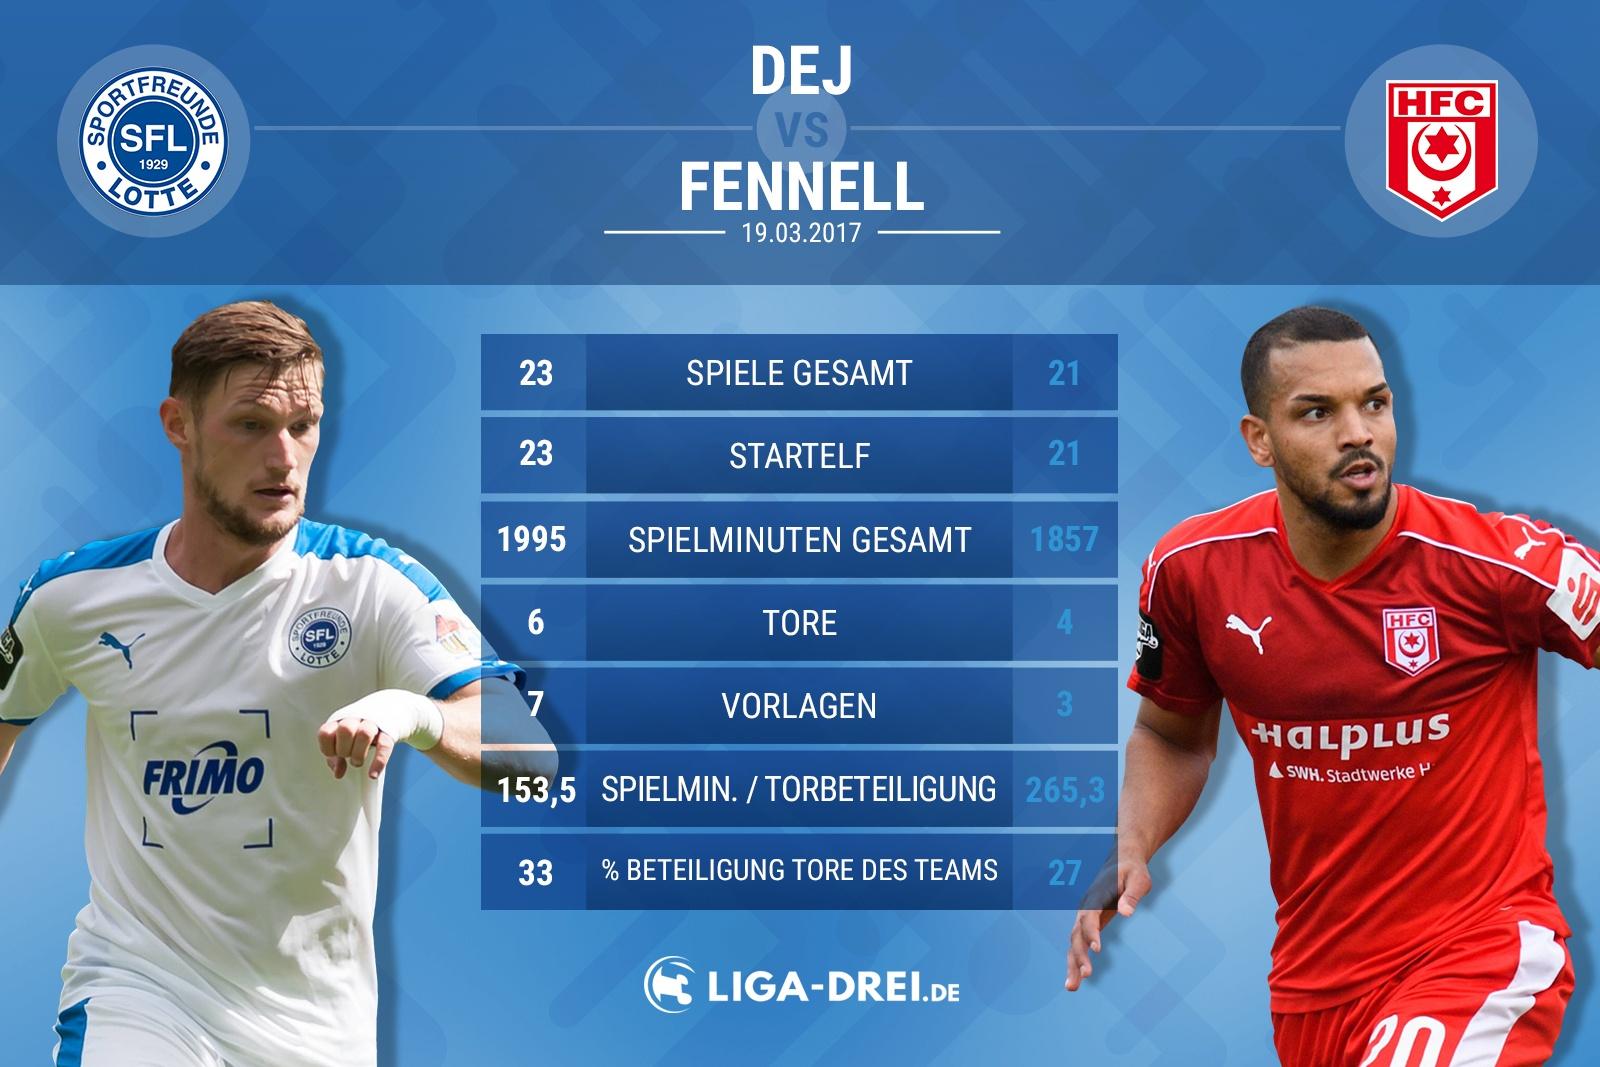 Spielervergleich von Dej & Fennell